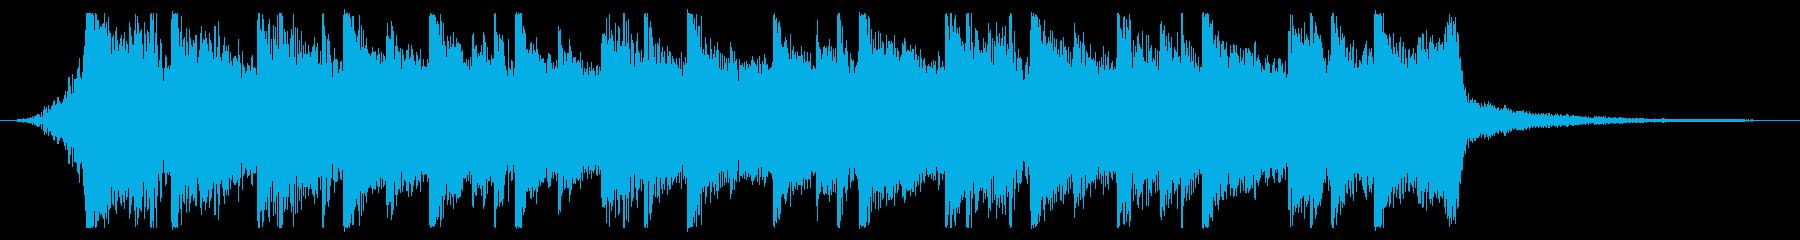 切ないきらきらピアノジングル⑦ 壮大の再生済みの波形